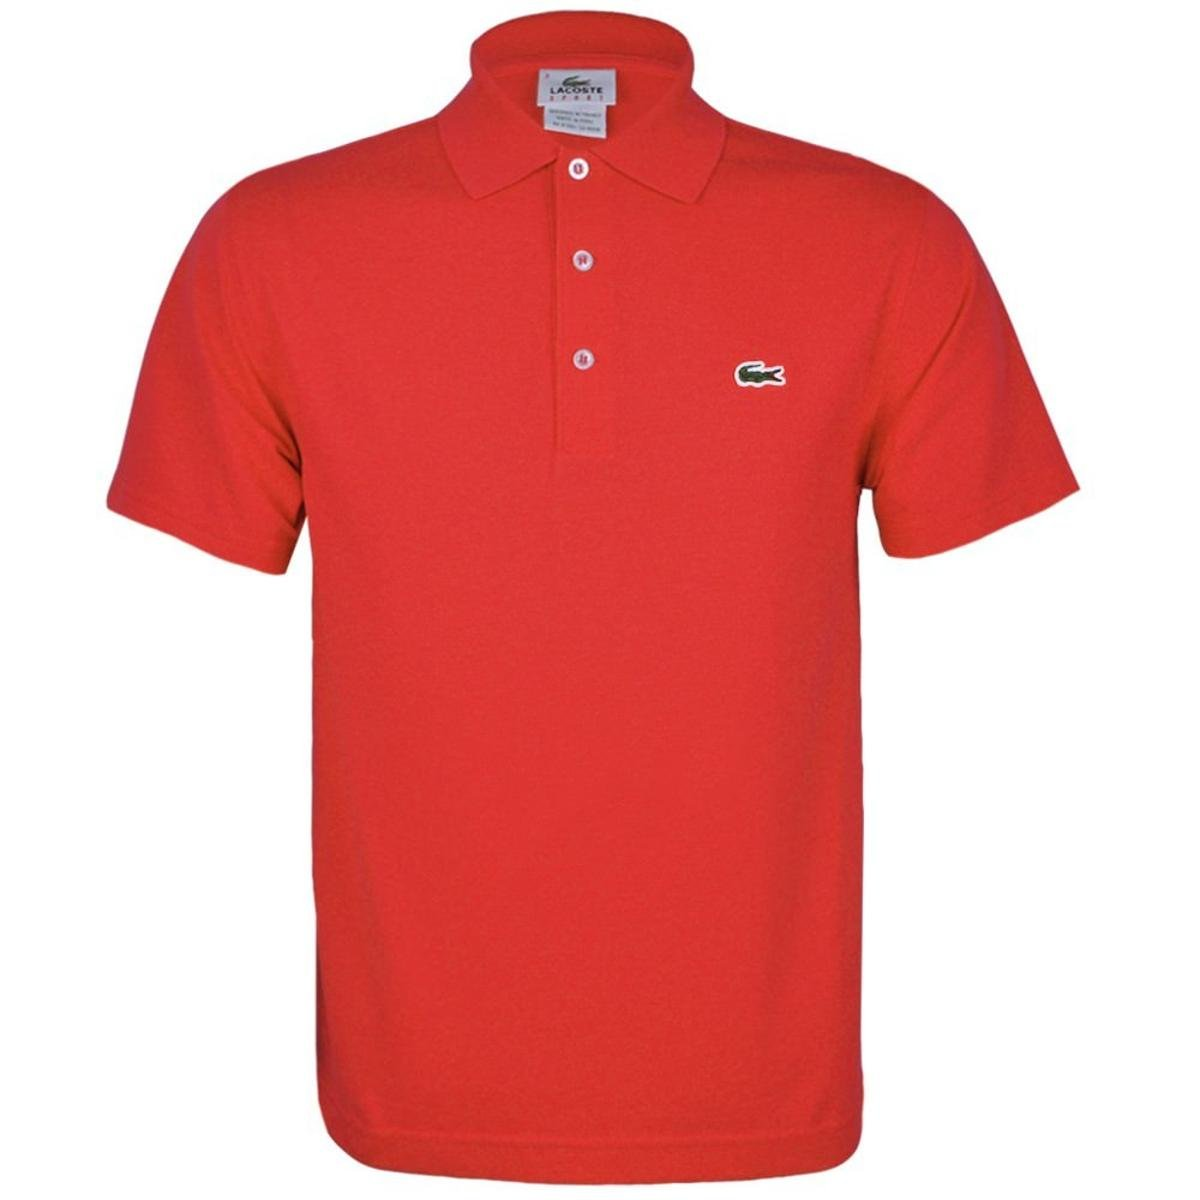 Masculino Vermelho Lacoste Camisa Polo Original Fit BodxerQCW